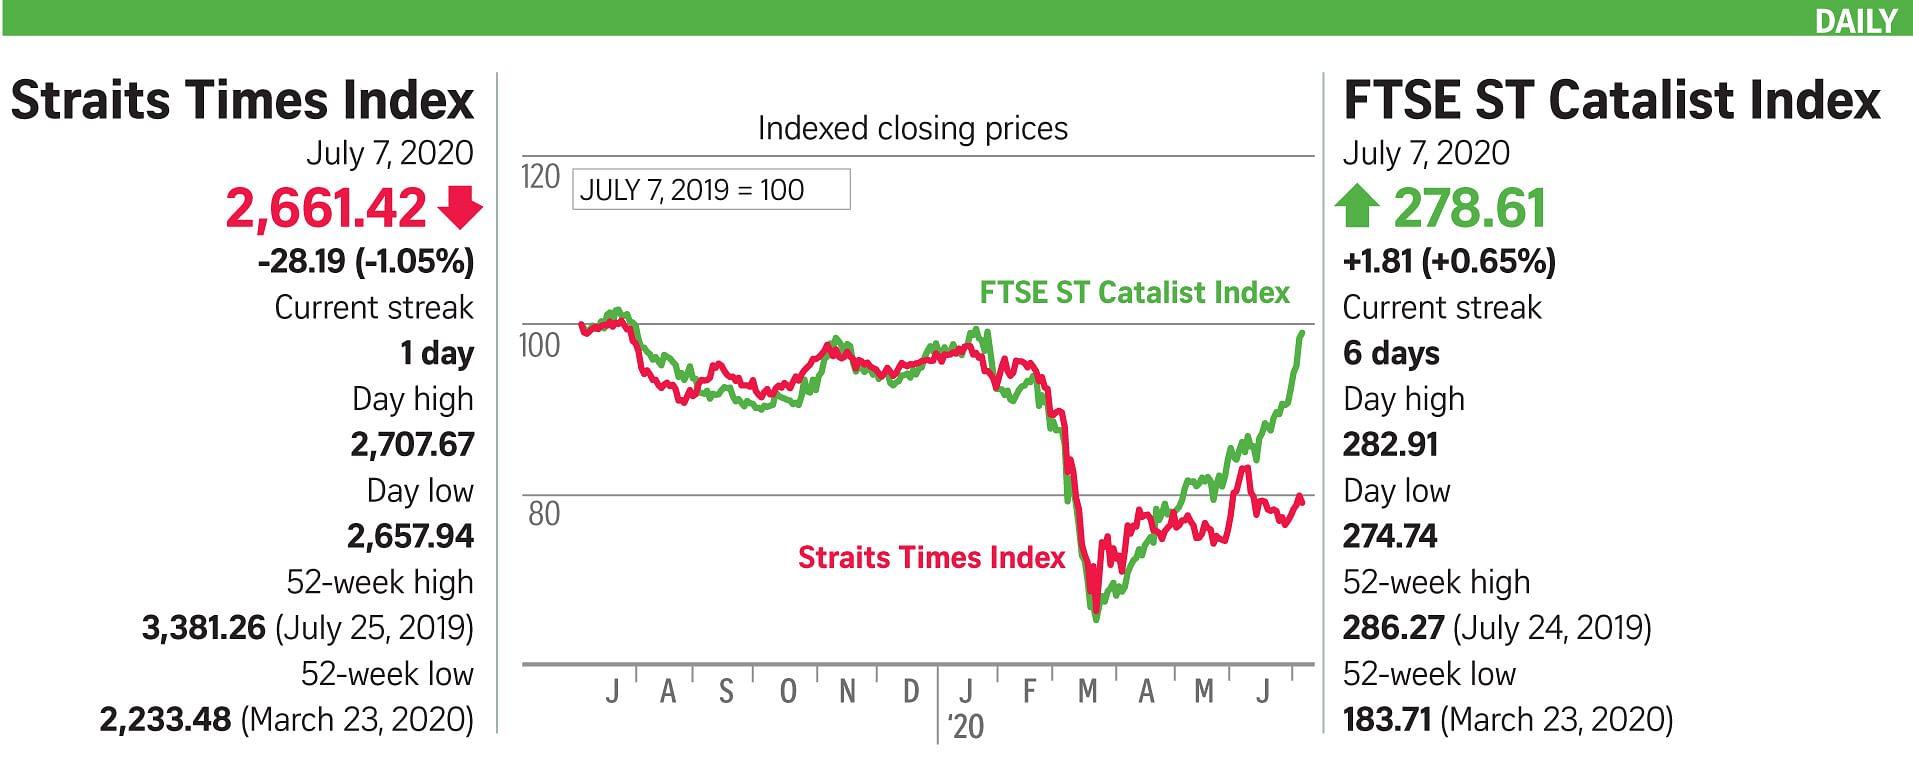 STI slips 1.05%, ending five-day winning streak